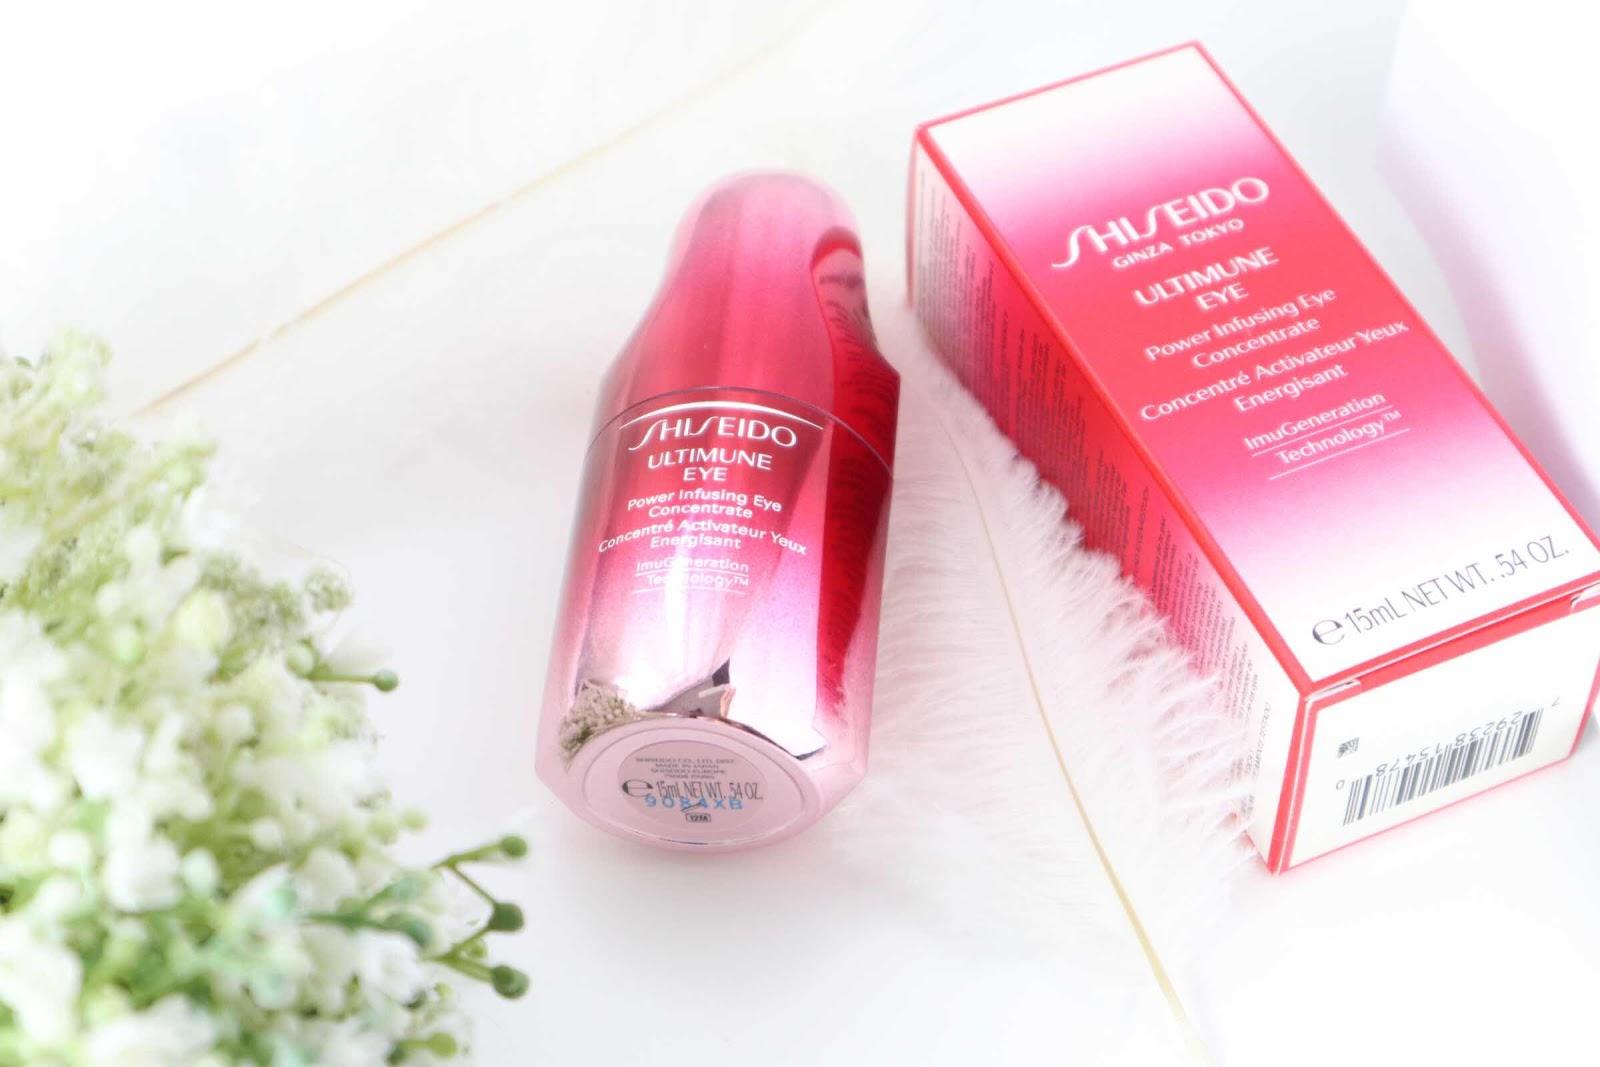 值得投資的眼部產品 ~ Shiseido 全新升級眼部免疫力精華 ~ 可改善眼周五大煩惱 ...